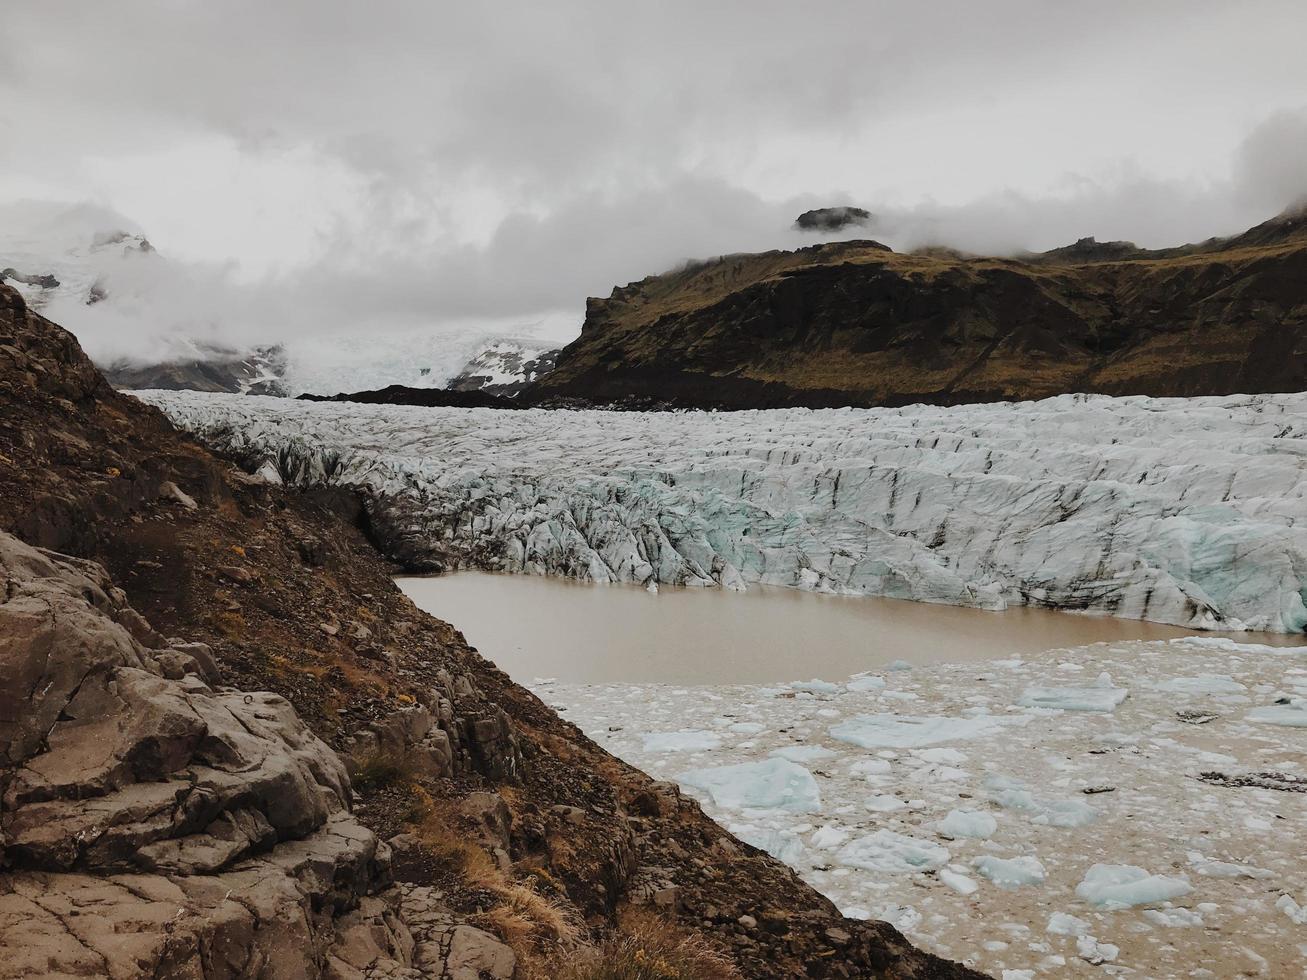 Glacier between rocky cliffs photo